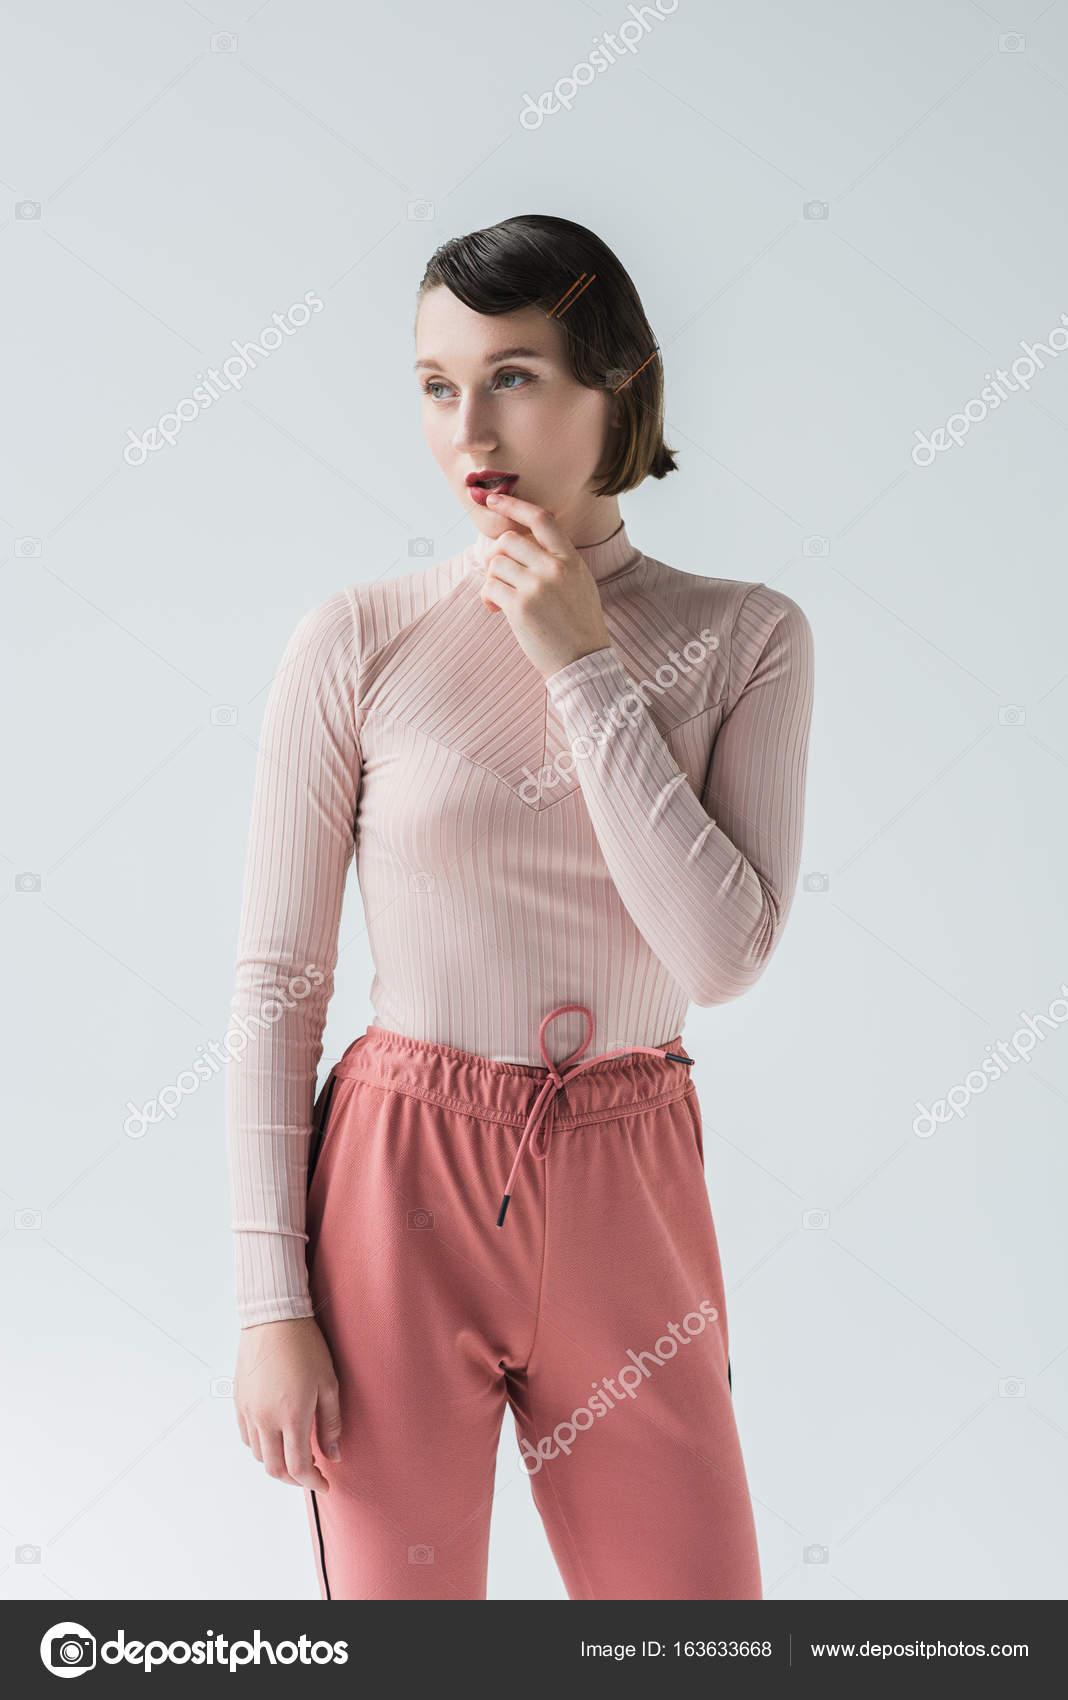 Vintage Kleding.Nadenkend Vrouw In Vintage Kleding Stockfoto C Igorvetushko 163633668